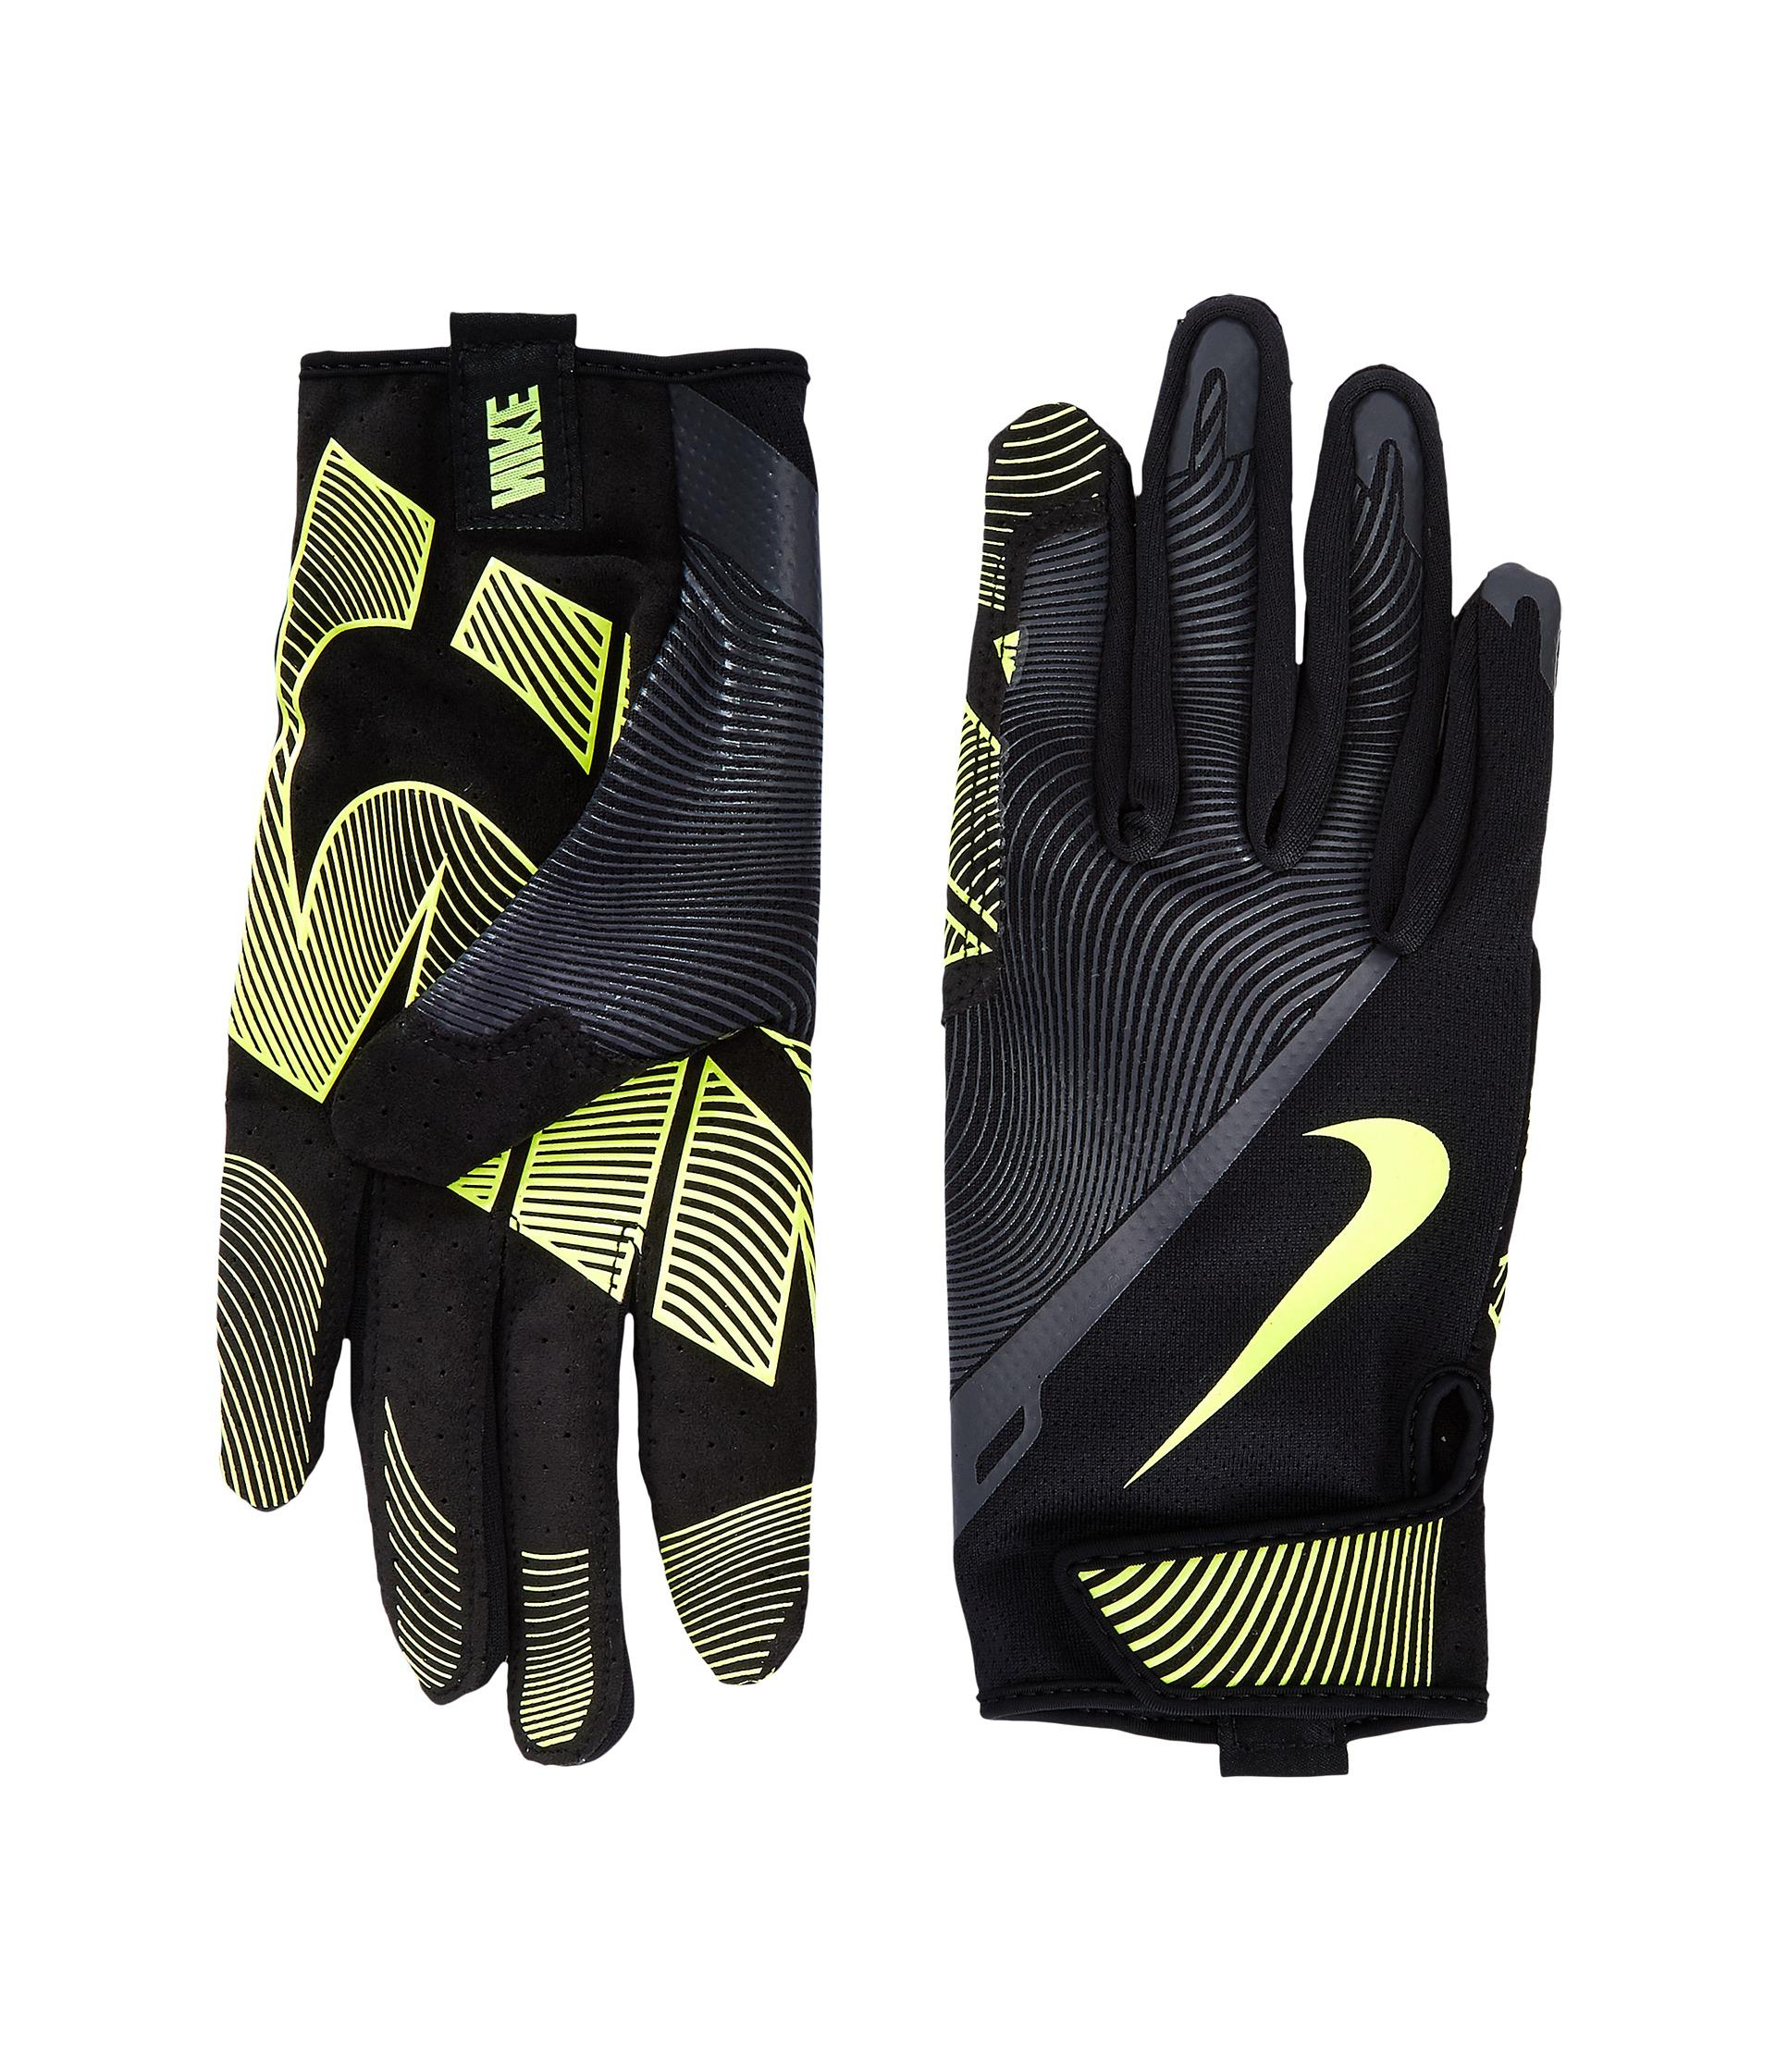 Nike Training Gloves Size Chart: Nike Lunatic Training Gloves